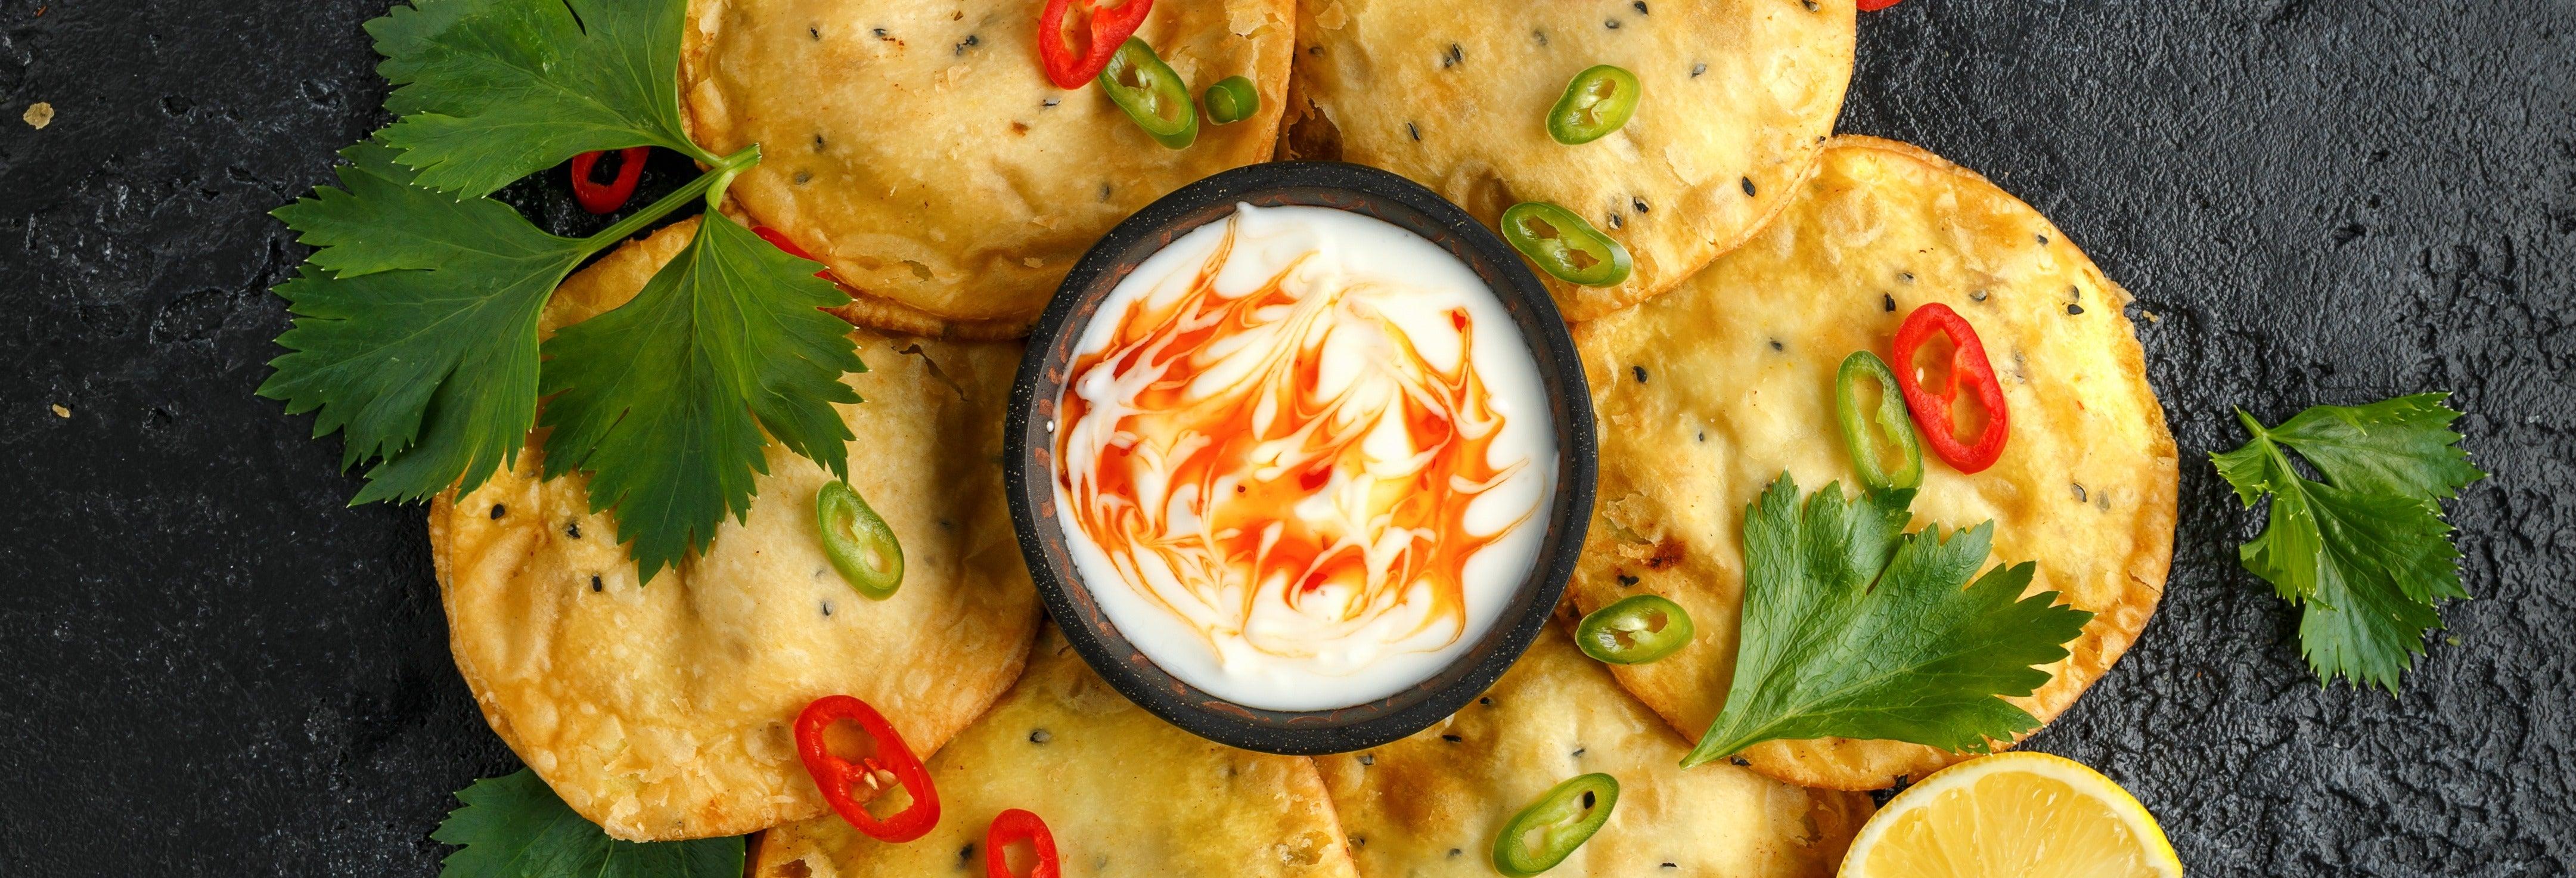 Tour gastronómico por Jaisalmer